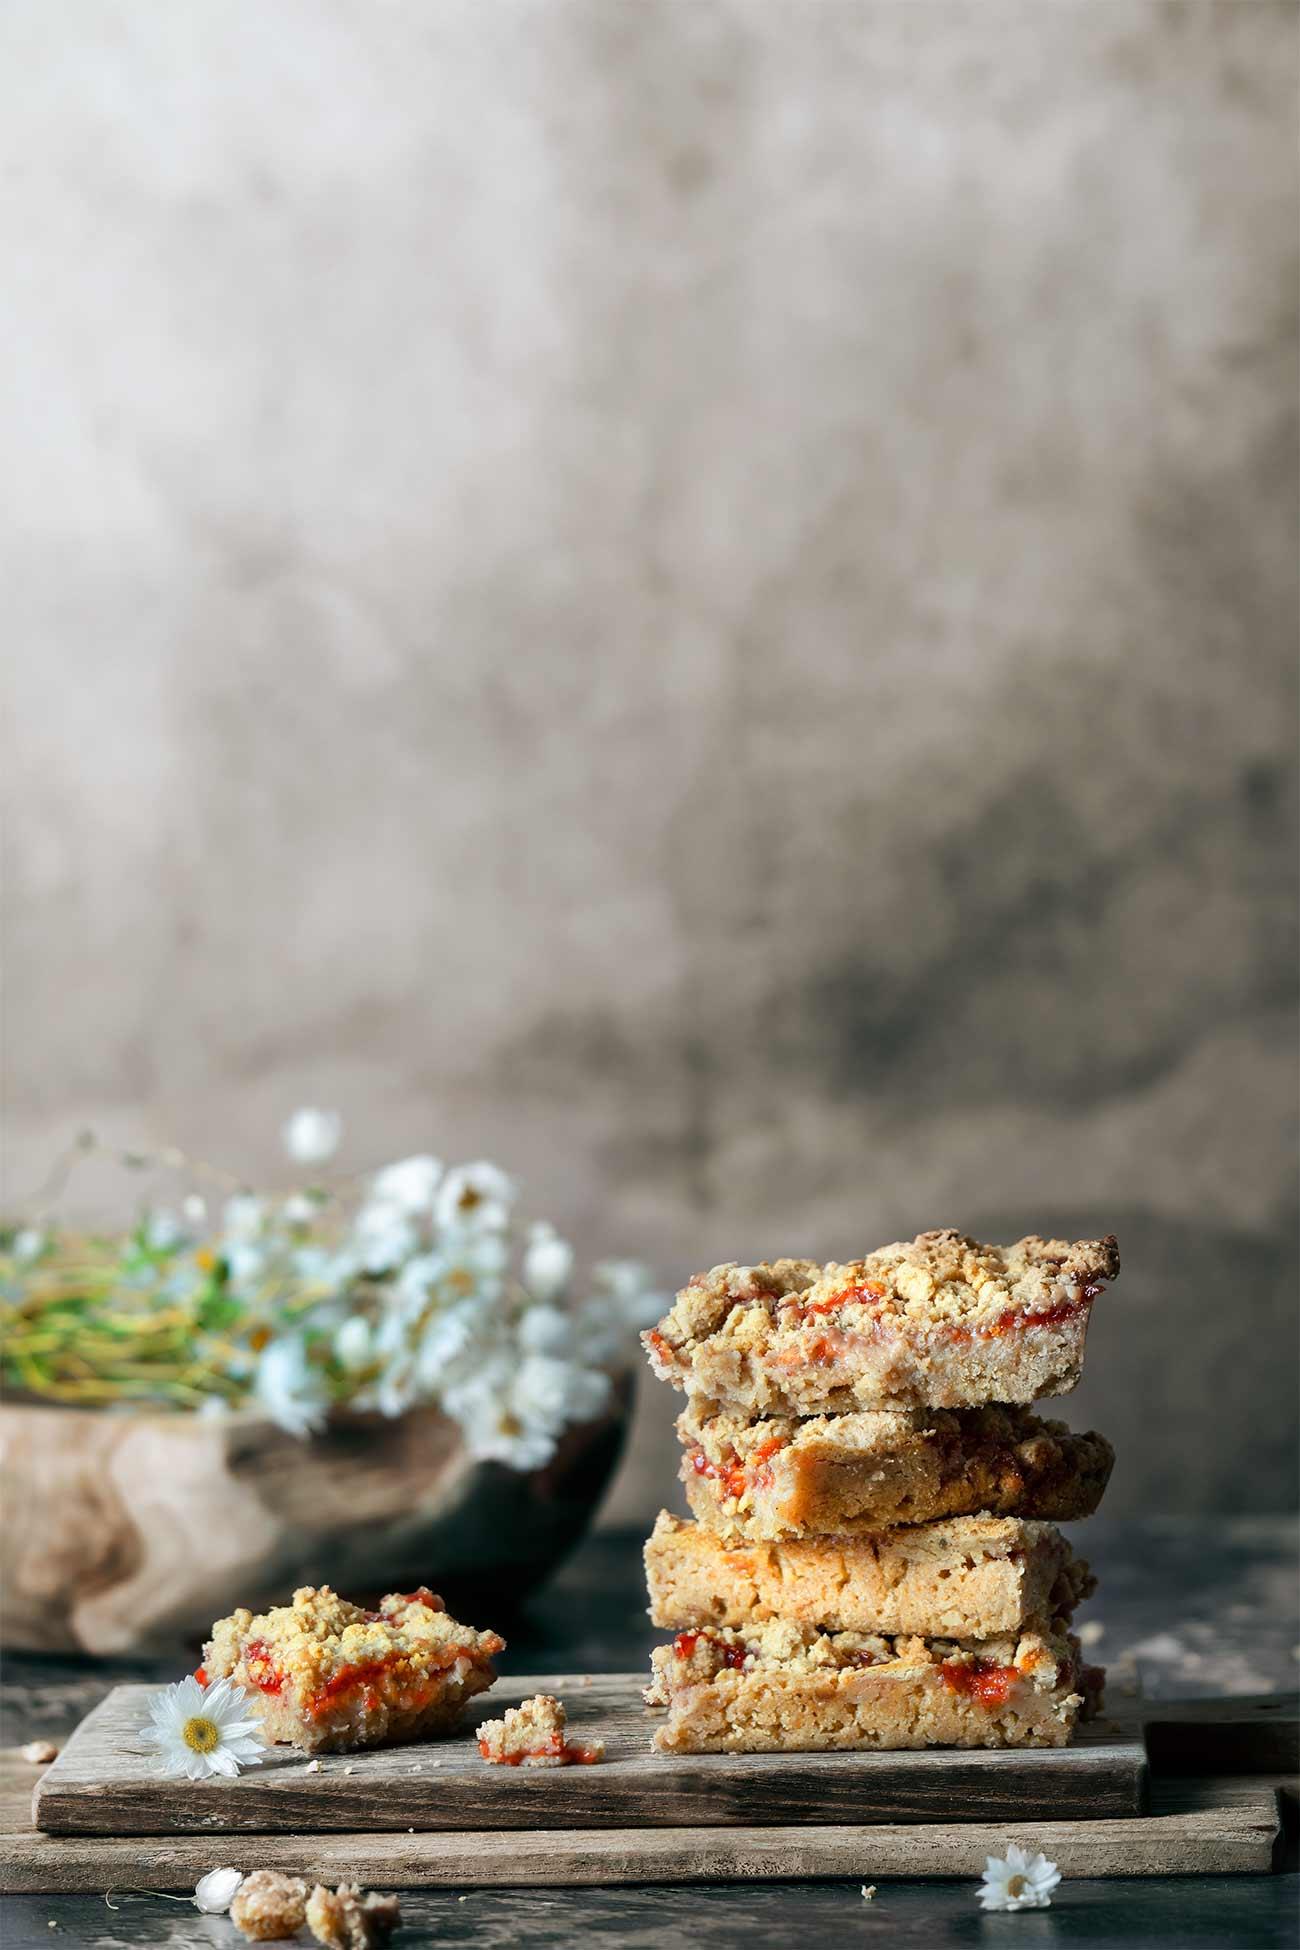 Erdnussbutter und Marmelade auf warmen Toast ist ja schon lange kein (kulinarisches) Geheimnis mehr. Noch besser schmeckt diese Kombination allerdings in Kuchen. Zusammen mit Erdnussbutter-Streusel und im Cheesecake-Style. Auch wenn ich mich wiederhole: Müsst ihr unbedingt nachbacken.